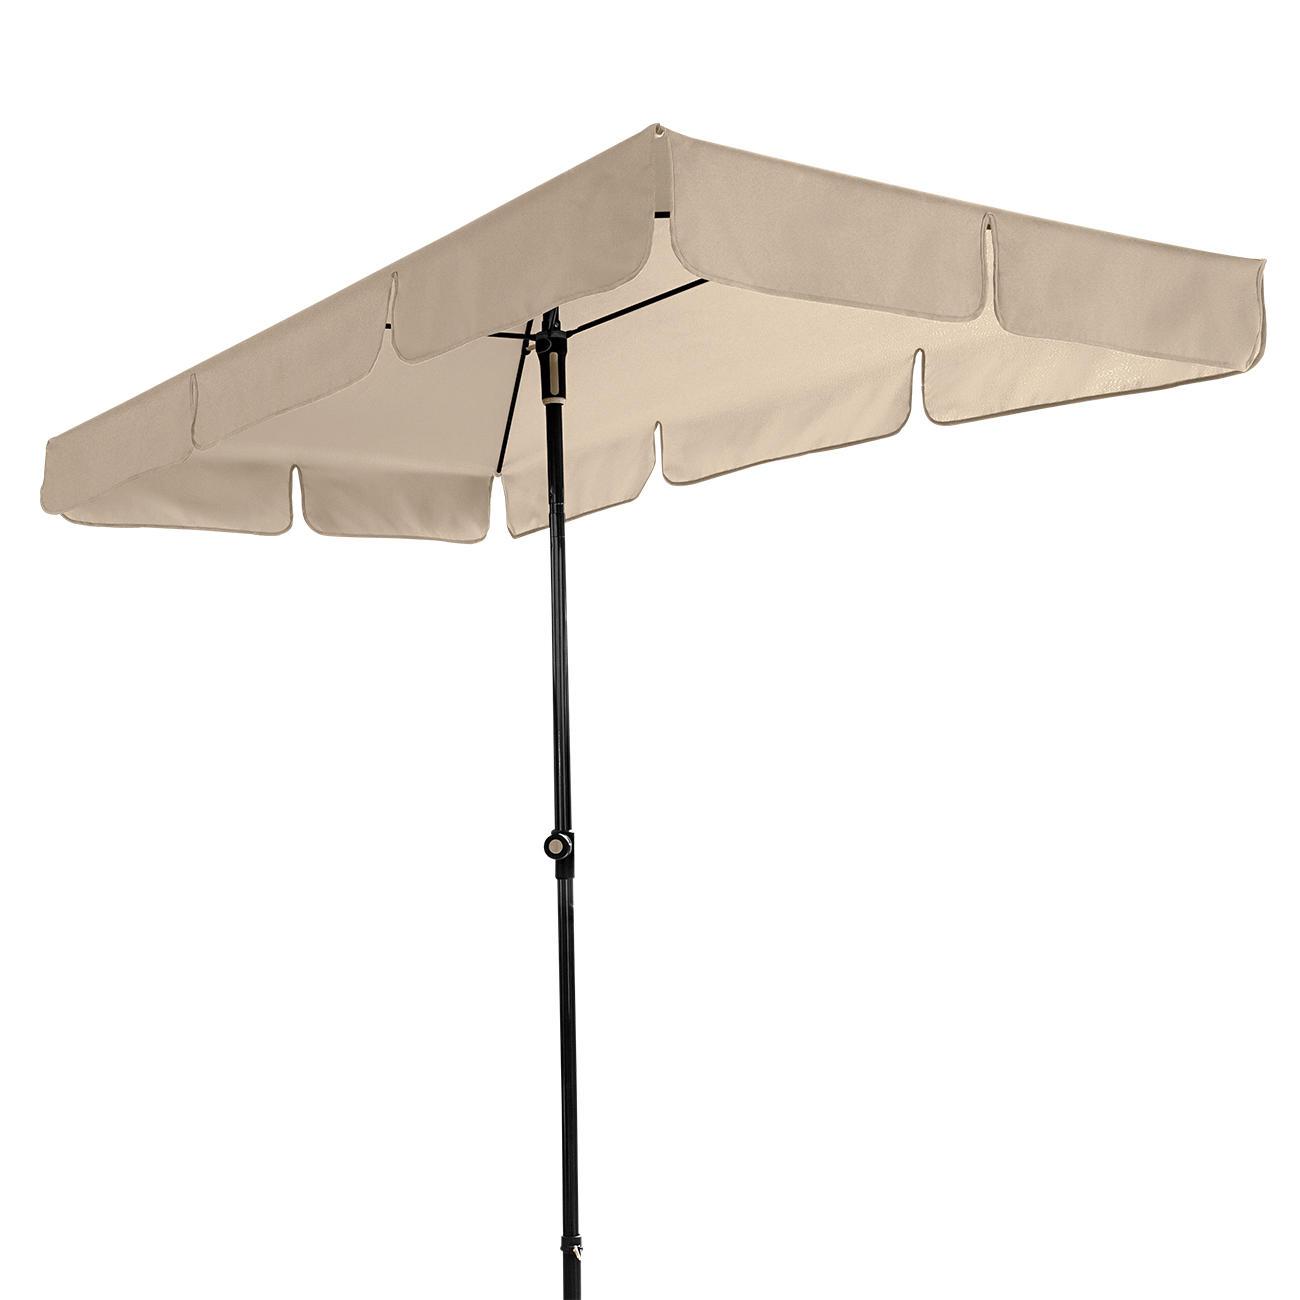 Balkonschirm Sunline Waterproof Iii Terrakotta L 225 X 120 Cm